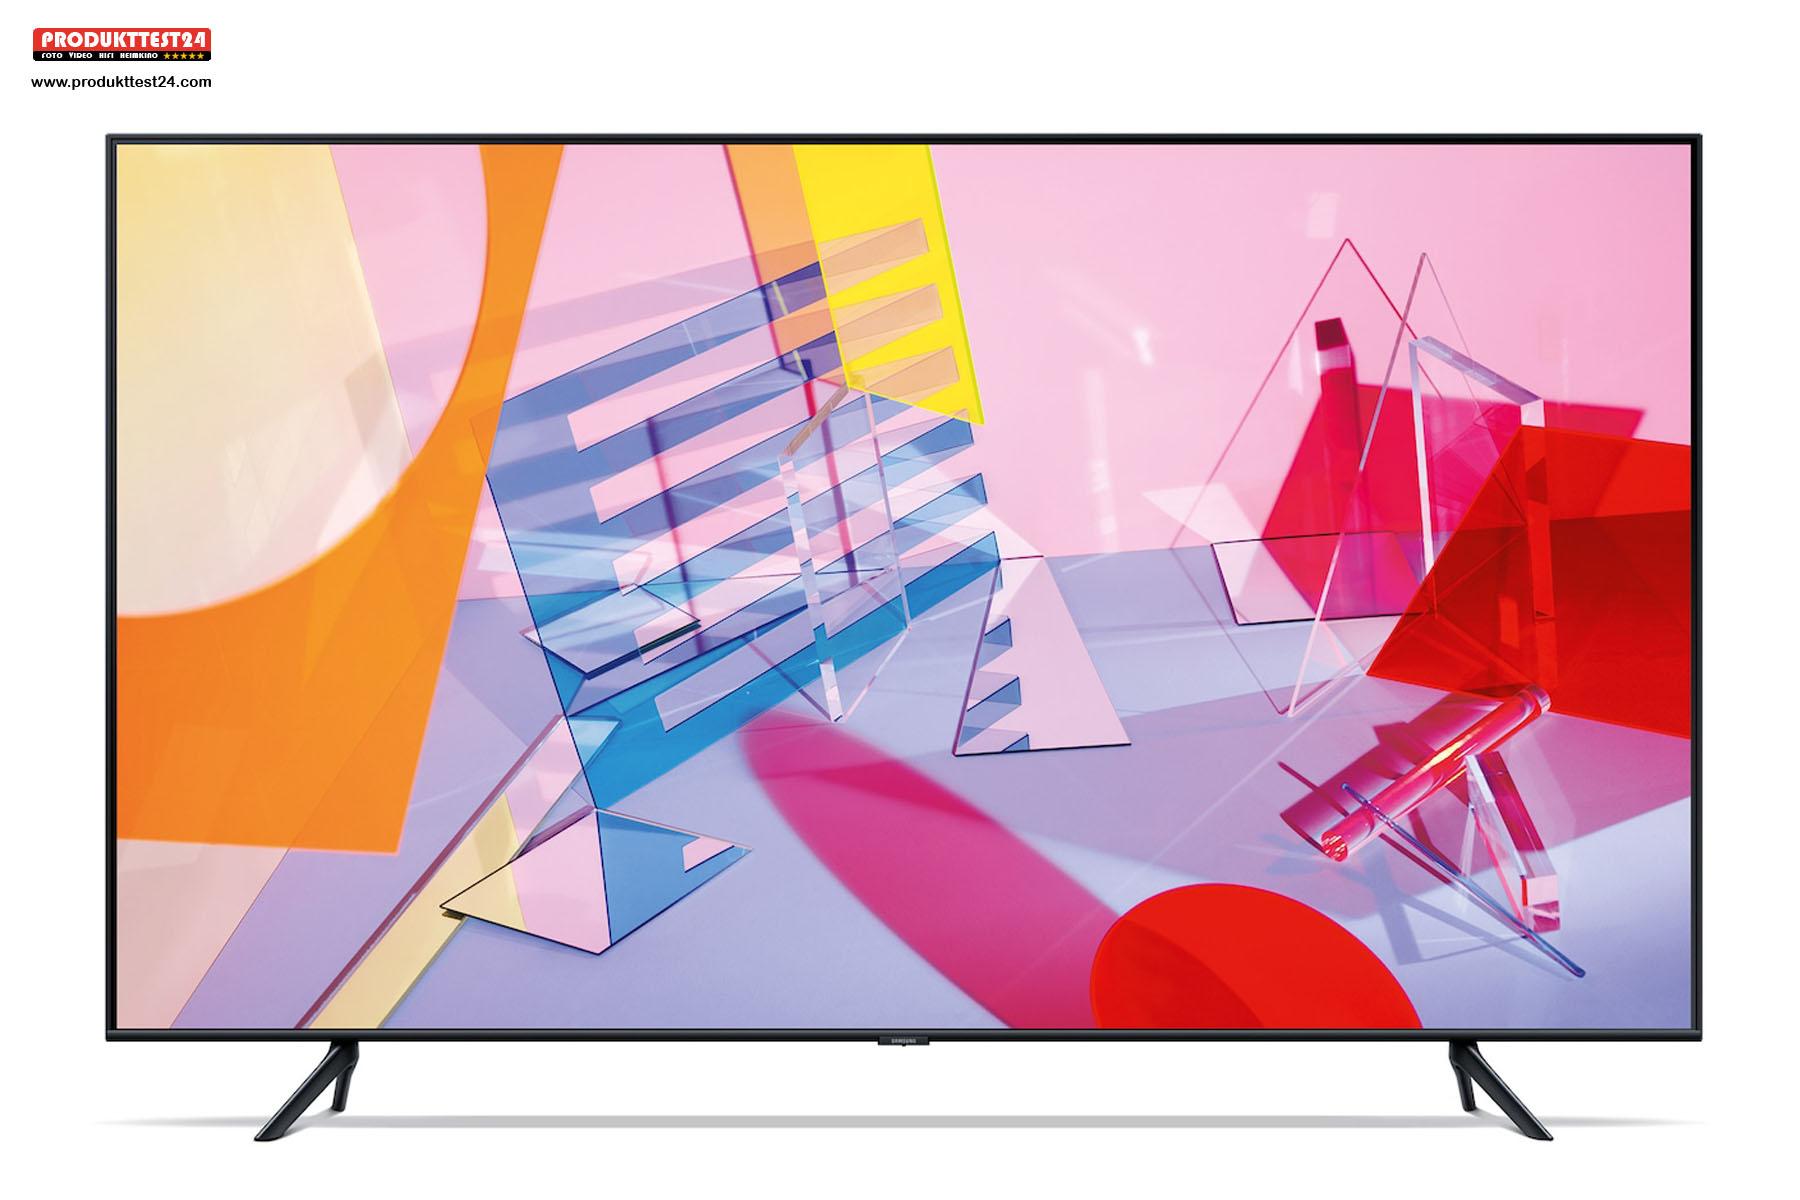 Samsung GQ43Q60T mit 108cm Bilddiagonale, Alexa Sprachsteuerung und SmartTV